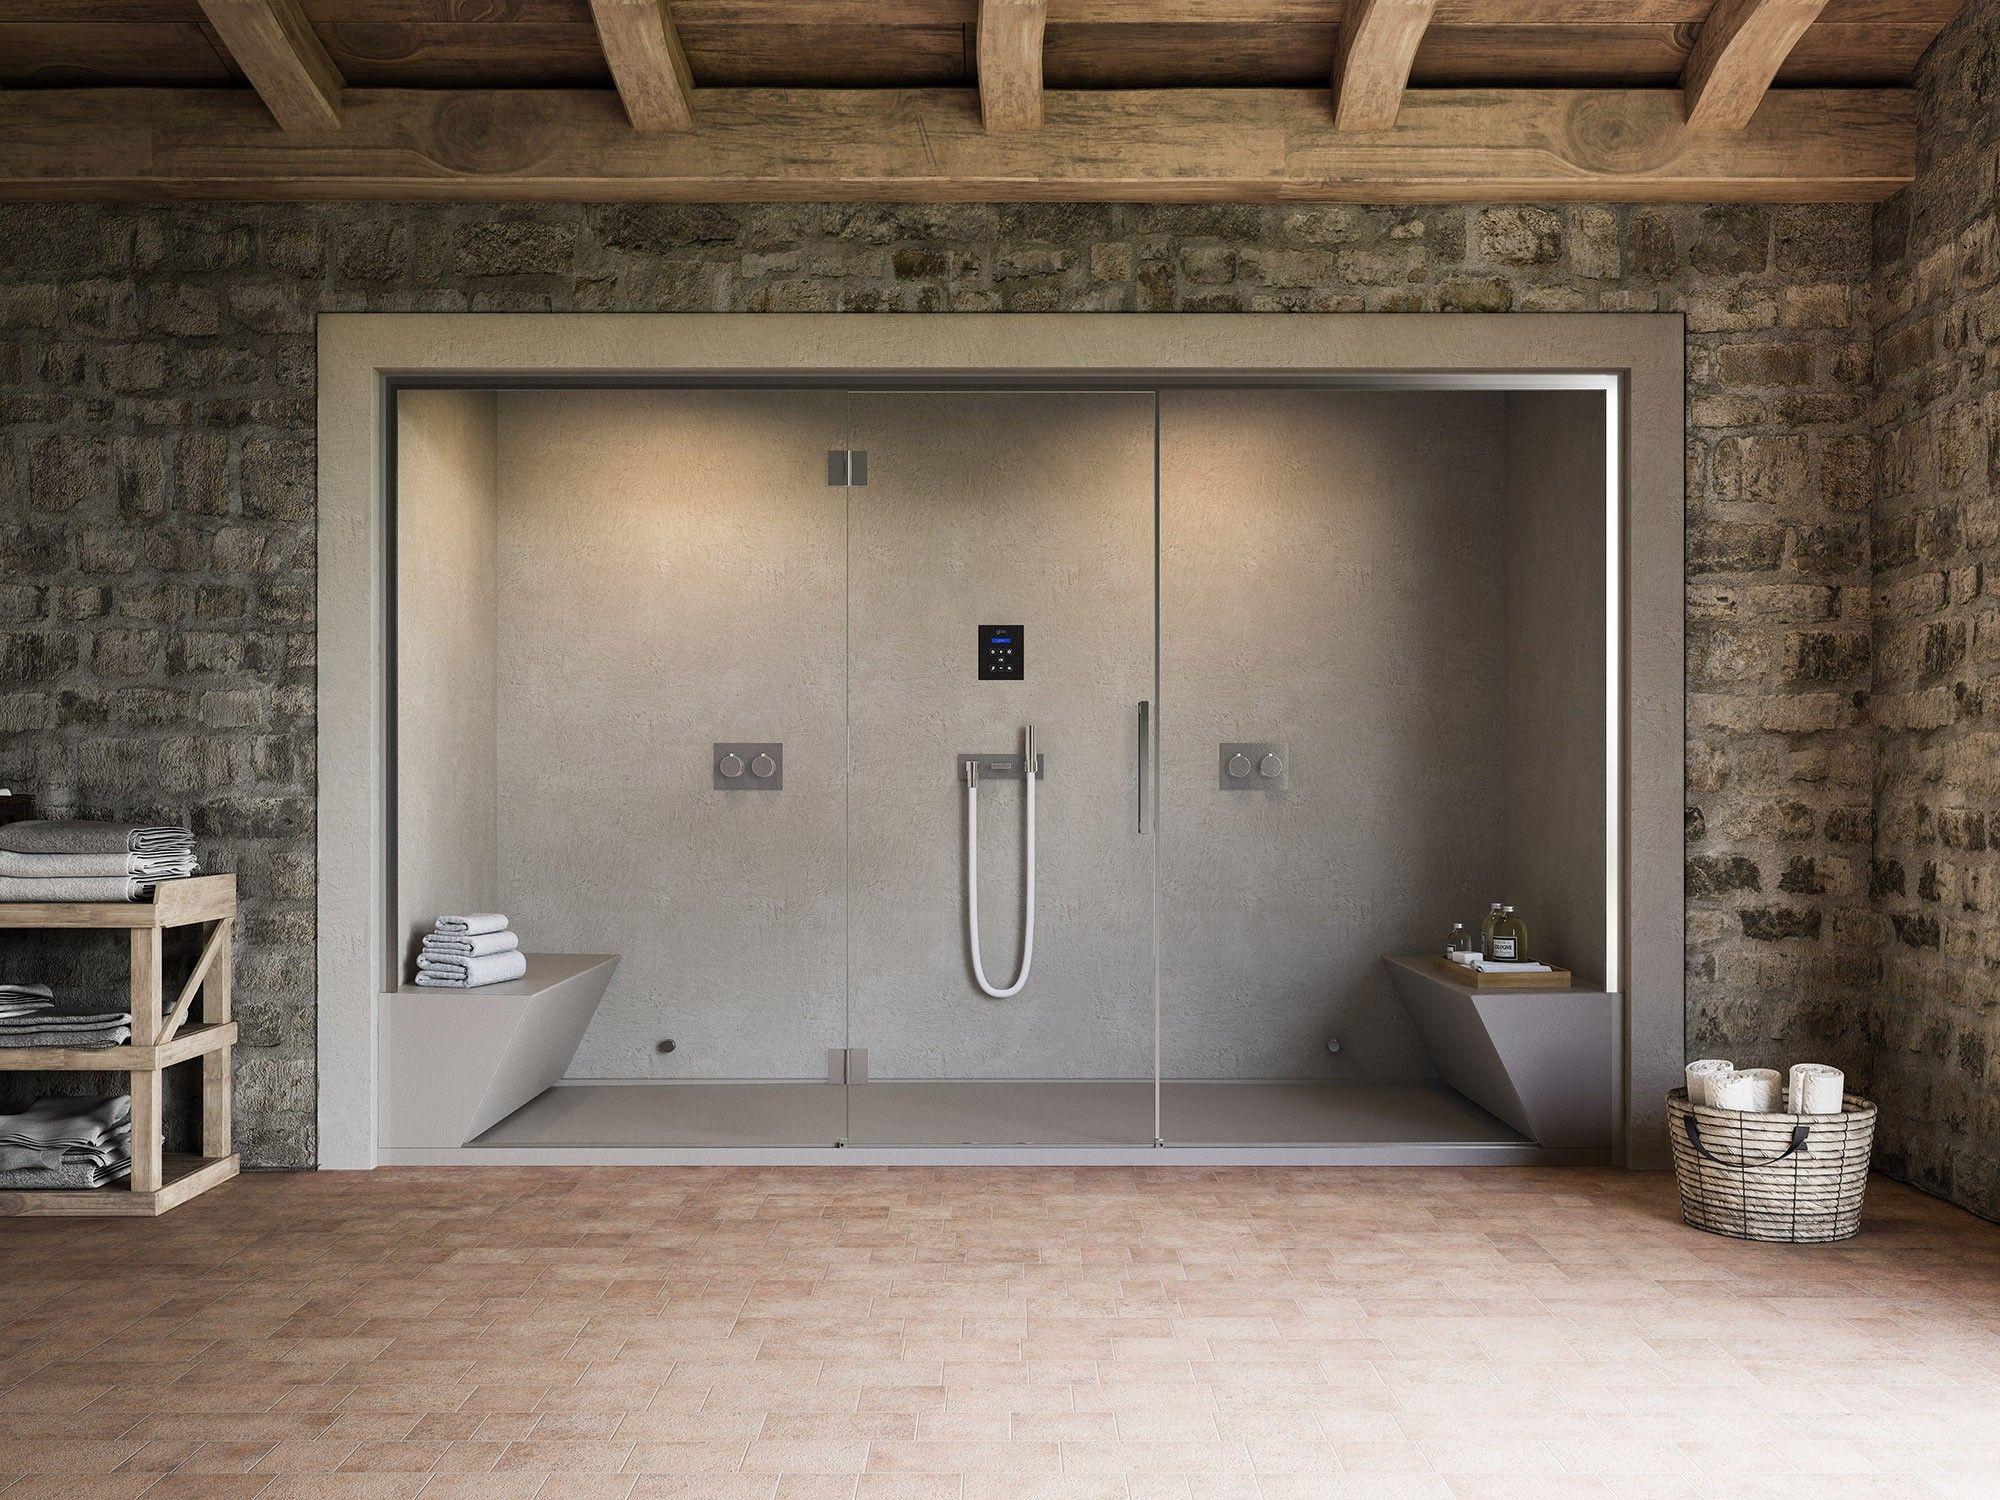 begehbare duschen bringen ein besonderes spa-feeling - trendomat